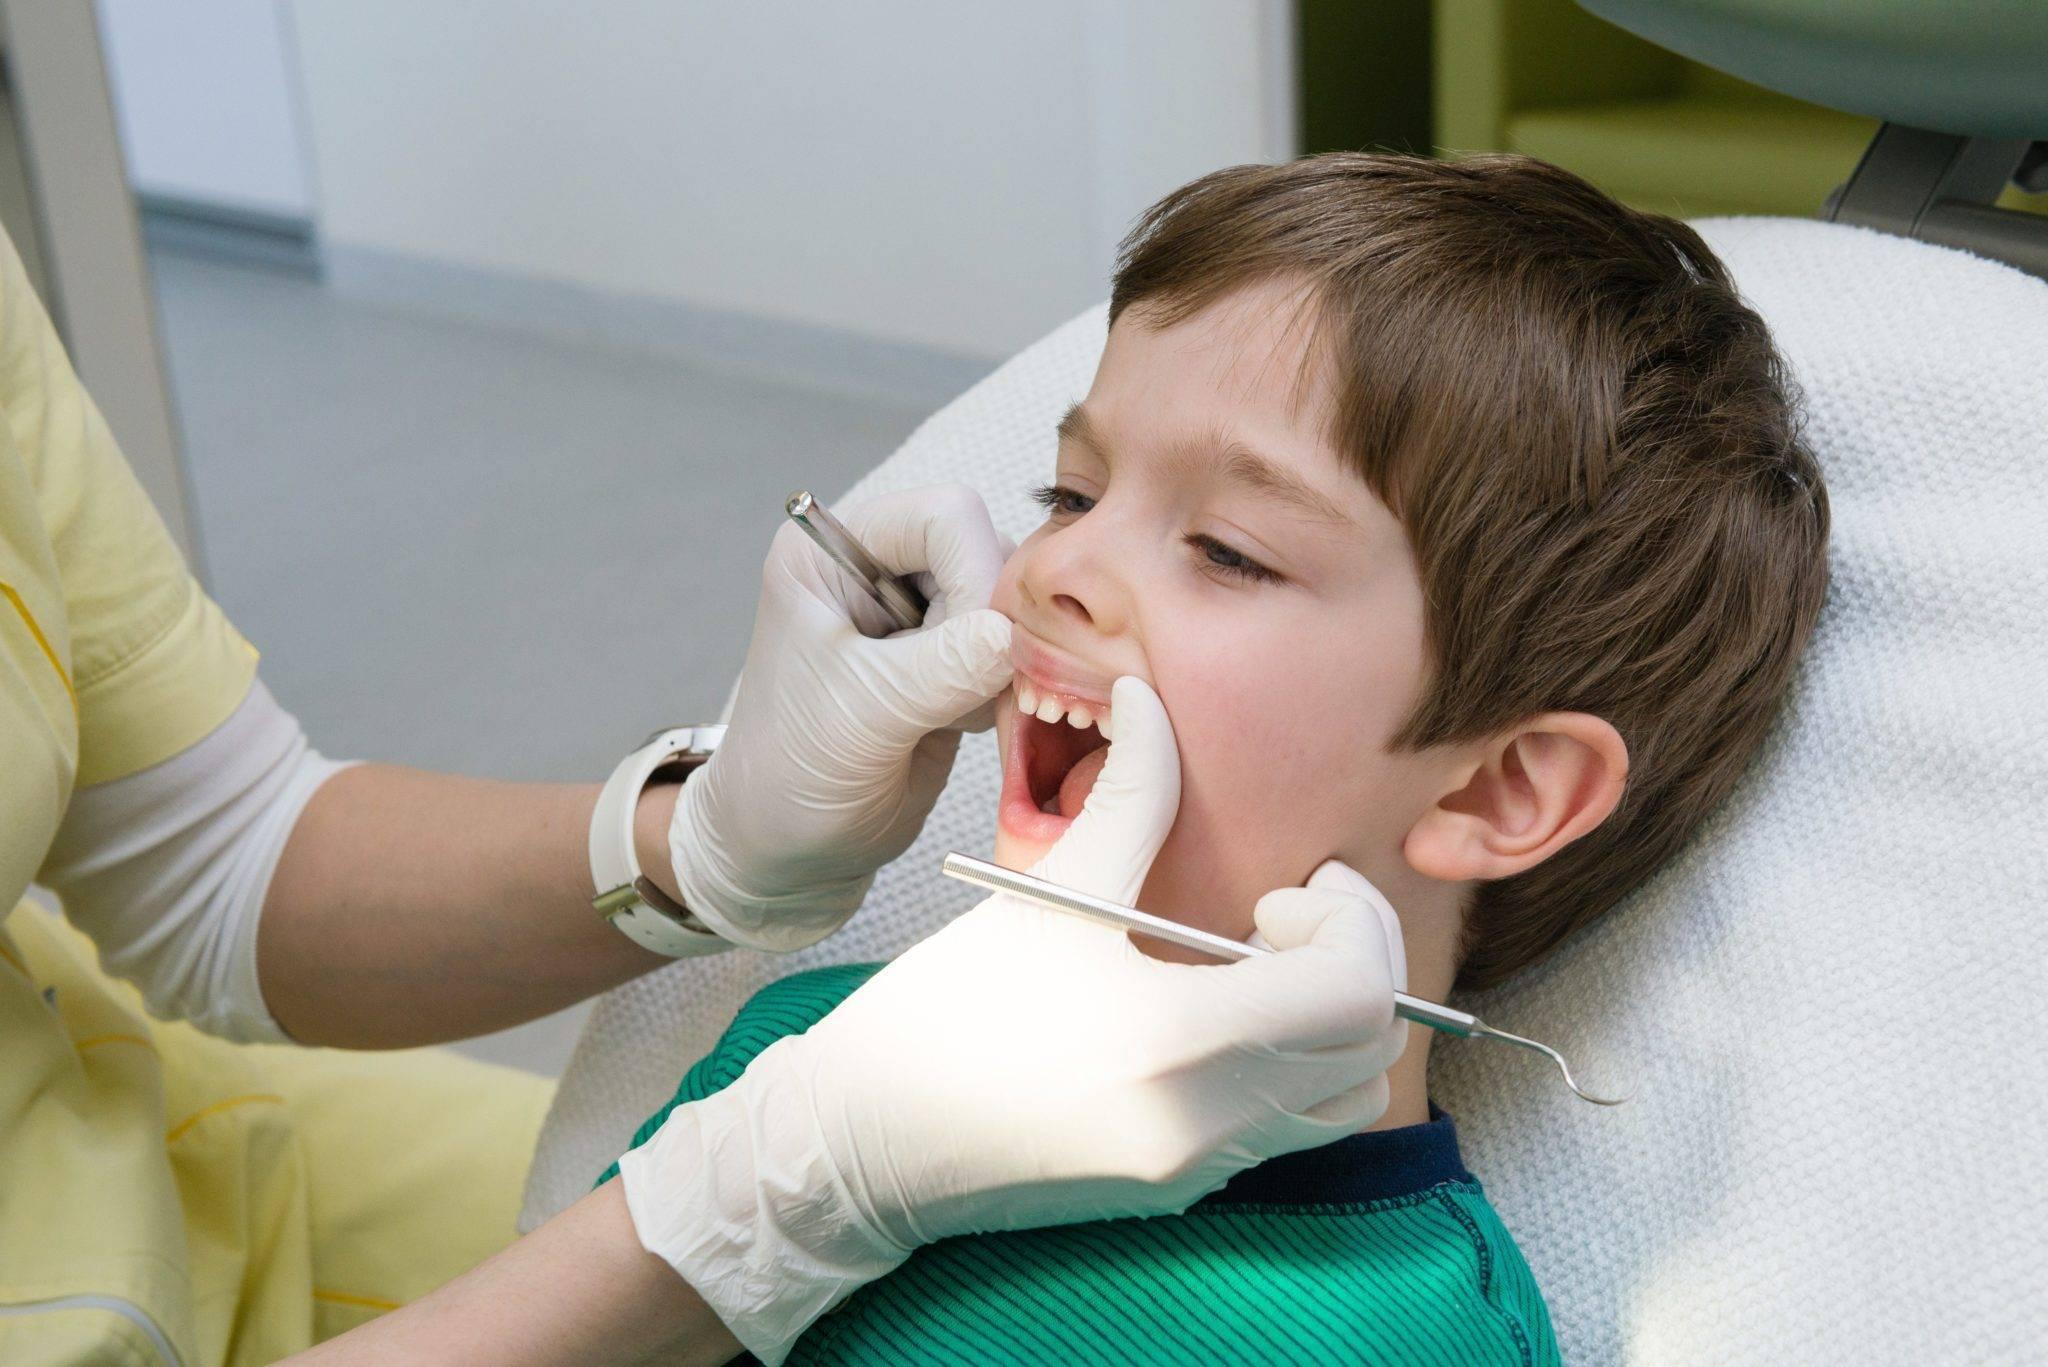 Особенности лечения кариеса у детей: подходы и методы